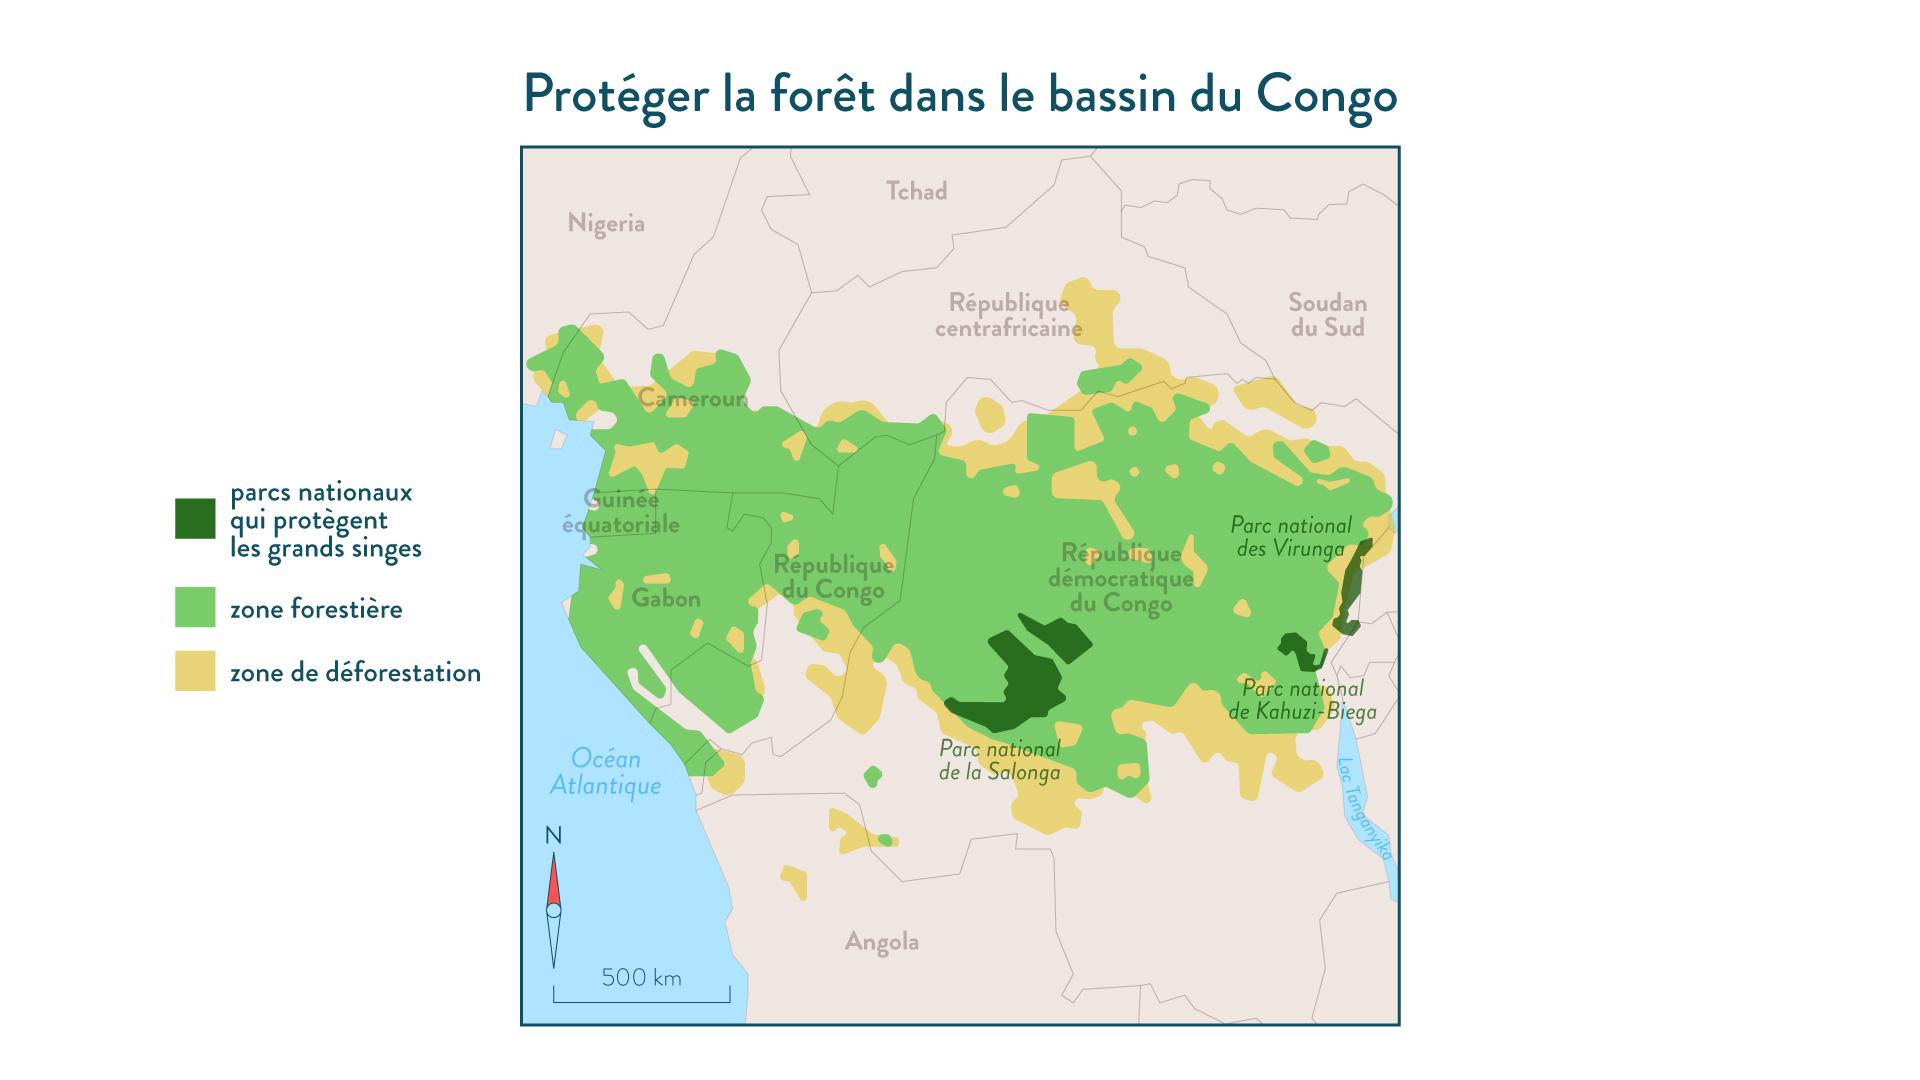 6e-géographie-SchoolMouv - Protéger la forêt dans le bassin du Congo